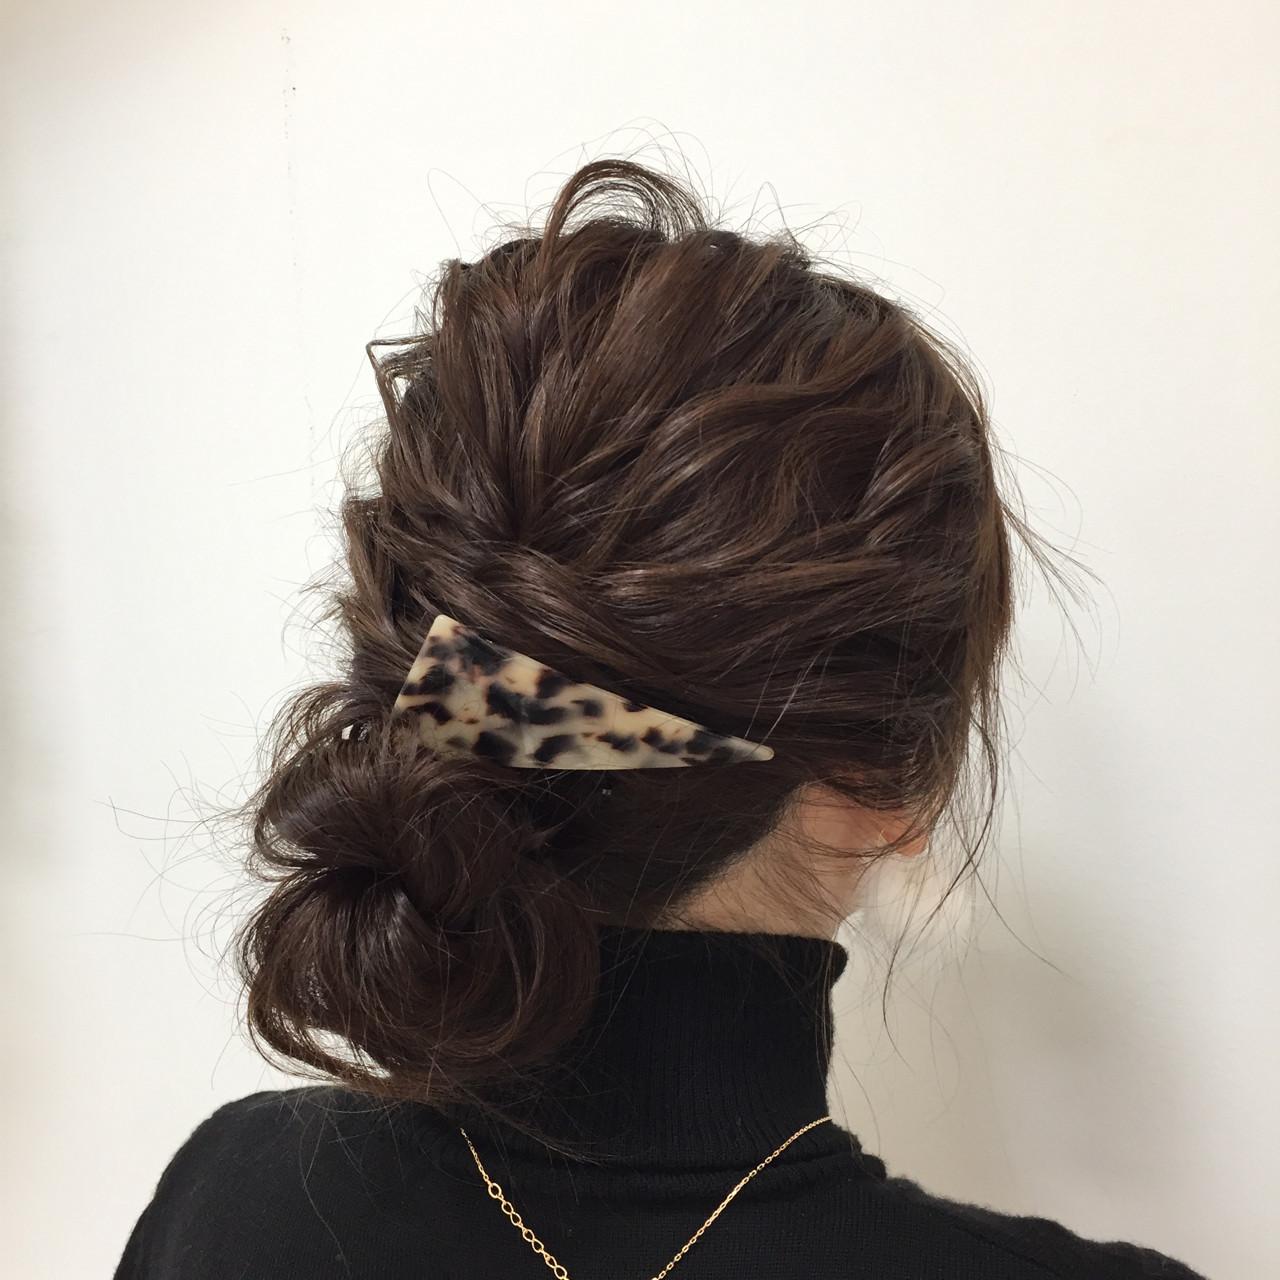 セミロング 簡単ヘアアレンジ ナチュラル フェミニン ヘアスタイルや髪型の写真・画像